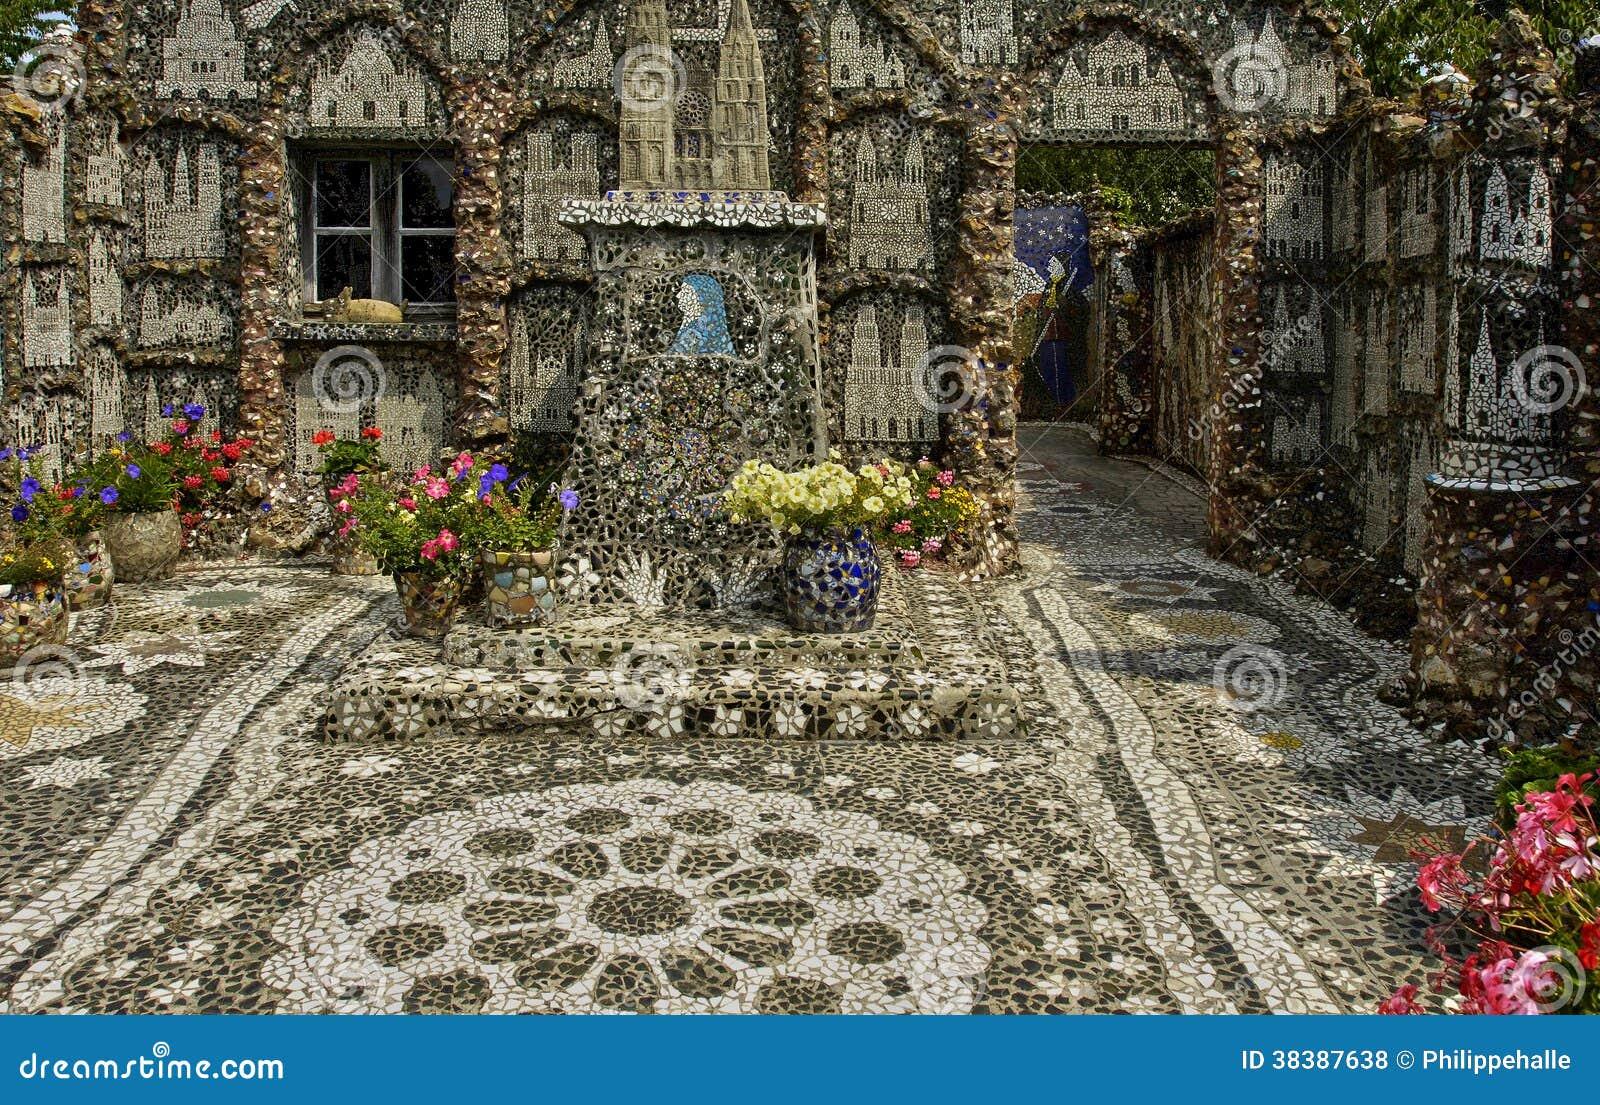 La maison picassiette une vieille mosa que de poterie de for Comment coller de la mosaique